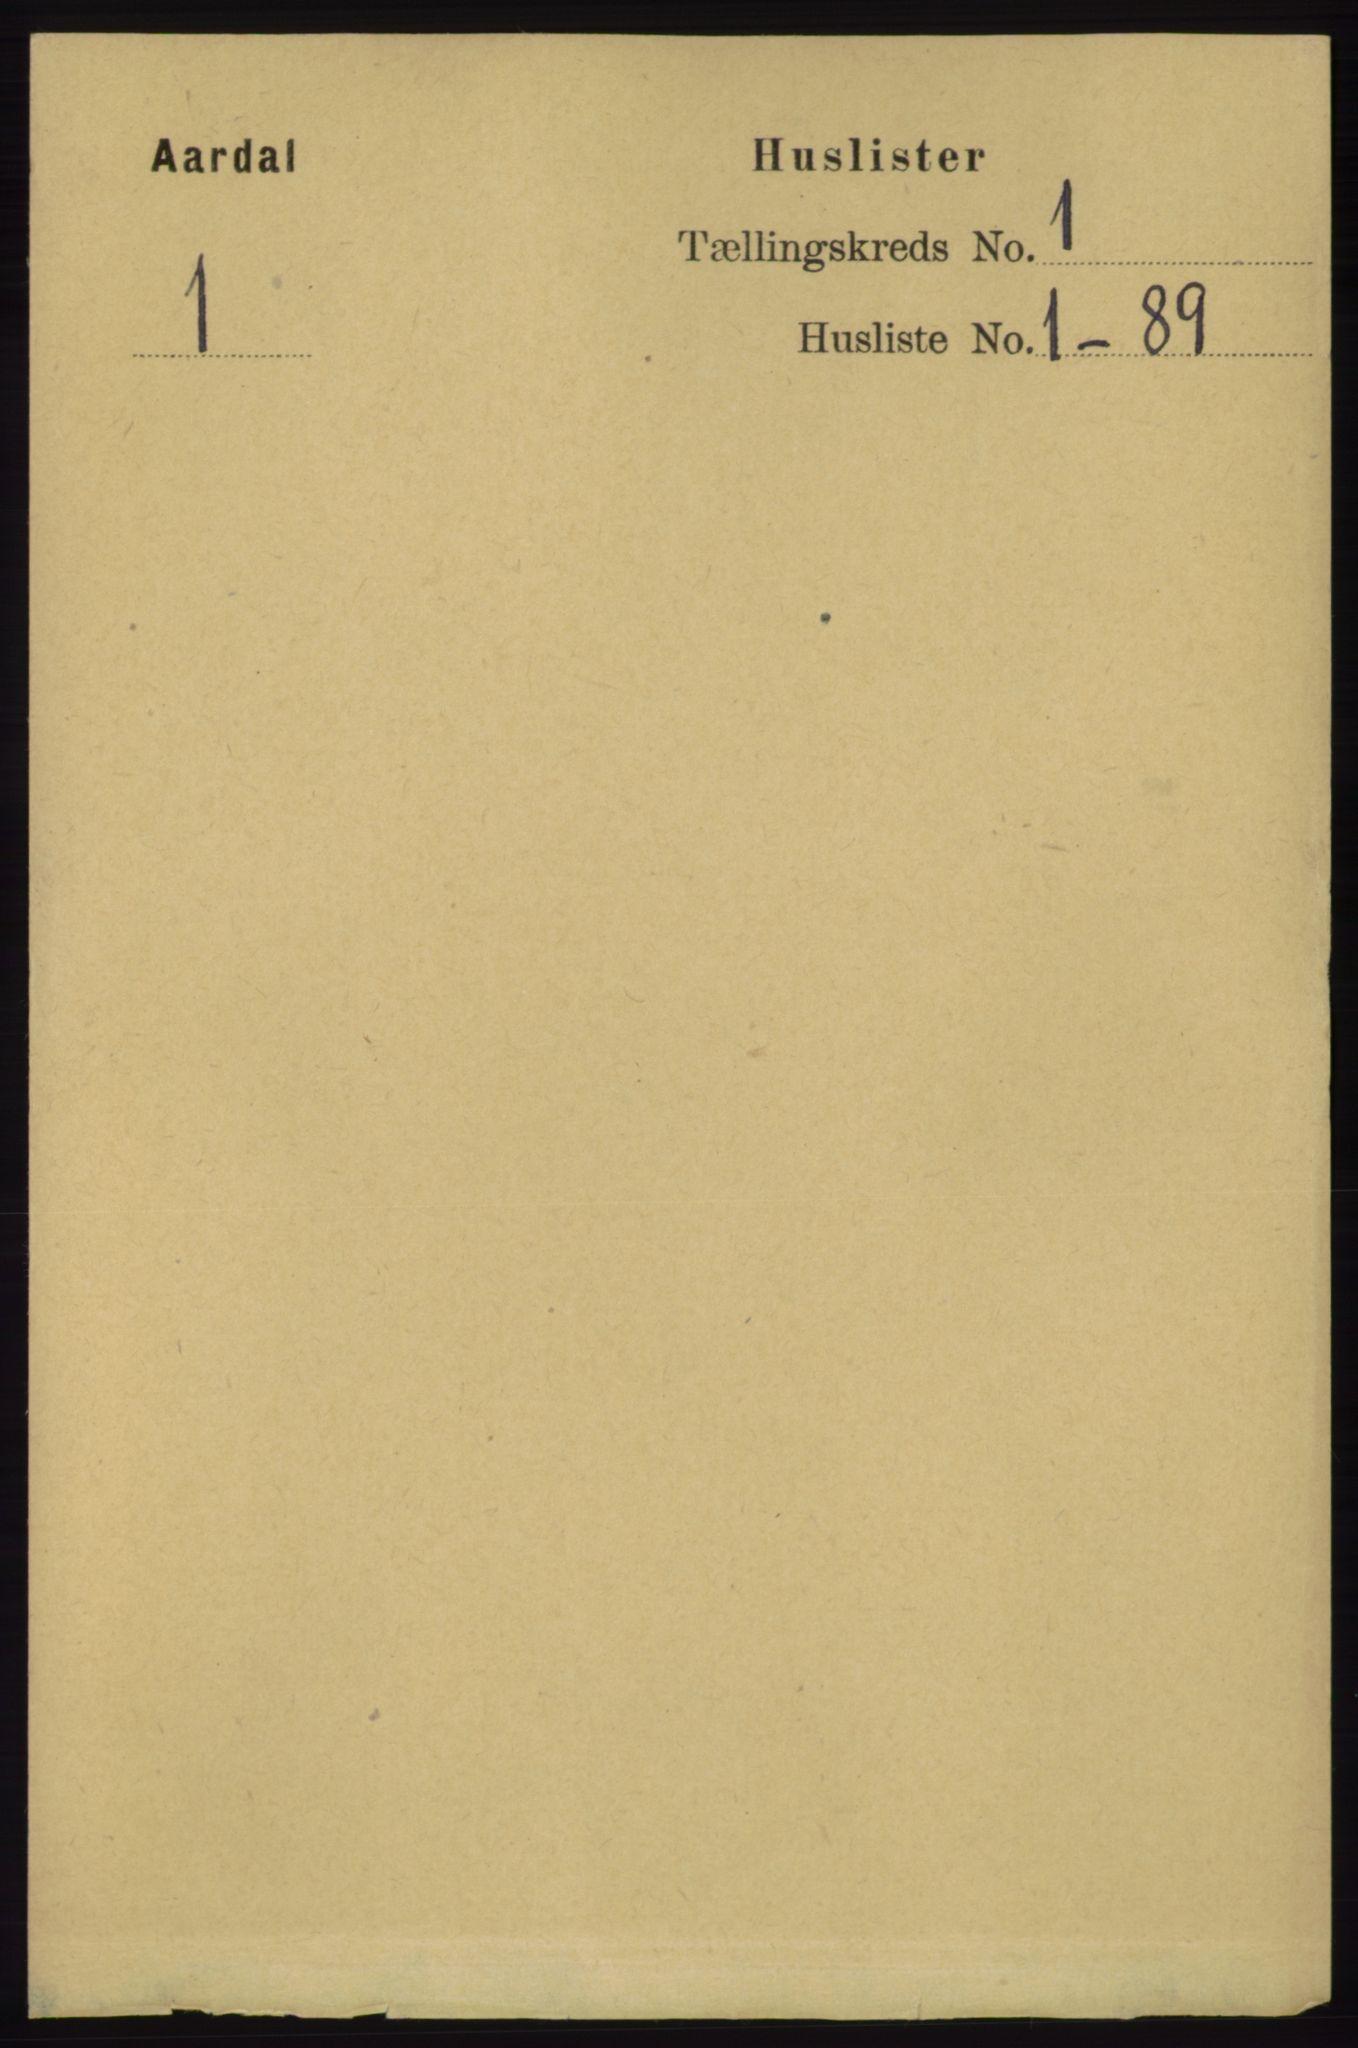 RA, Folketelling 1891 for 1131 Årdal herred, 1891, s. 13